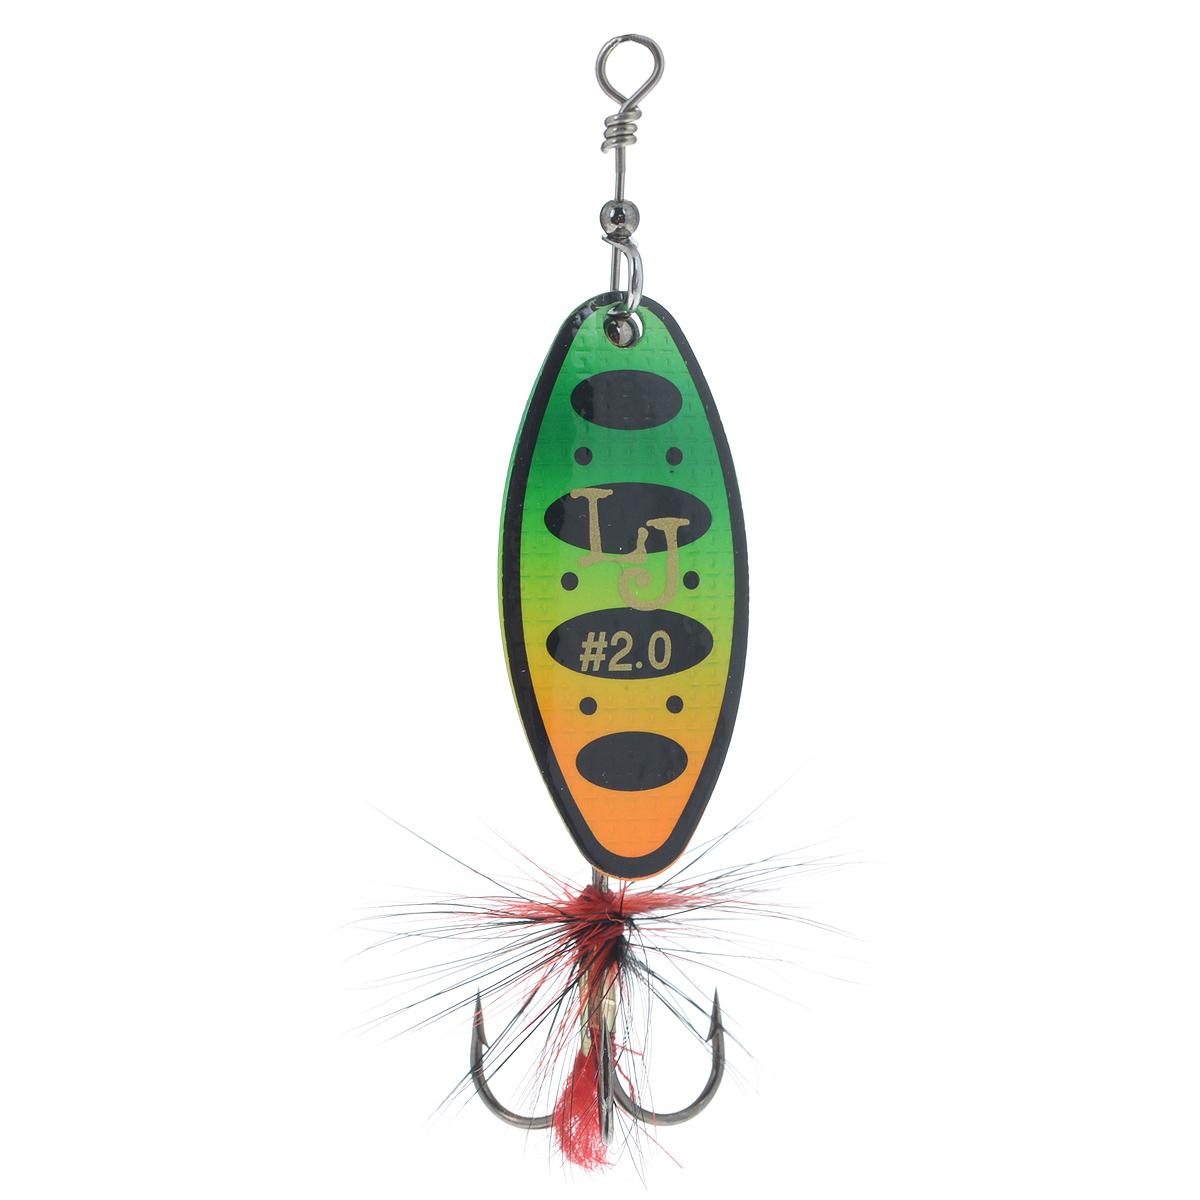 Блесна вращающаяся Lucky John Shelt Blade, цвет: зеленый, желтый, 9 гLJSB02-008Lucky John Shelt Blade - вращающаяся блесна с формой лепестка long. В этой приманке используются современные конструктивные решения, которые обеспечивают надежную и стабильную игру блесен, что делает их очень привлекательными для любой хищной рыбы. Главный элемент блесны - вращающийся лепесток. Он сделан из латуни и обладает хорошими динамическими показателями при вращении в воде, что позволяет делать проводку приманки на минимальной скорости. Лепесток заводится сразу, как только блесна начинает движение. Лепесток окрашен с двух сторон. С какой бы стороны хищная рыба не смотрела на приманку, ее расцветка остается одинаковой и привлекательной, что повышает интерес к блесне и, в итоге, приводит к результативной атаке. Немаловажная деталь - сердечник приманки, от которого зависит вес и дальнобойность приманки, а также ее устойчивость в воде. На тройнике связана яркая мушка, основное предназначение которой - снять последние сомнения у приготовившейся к атаке...